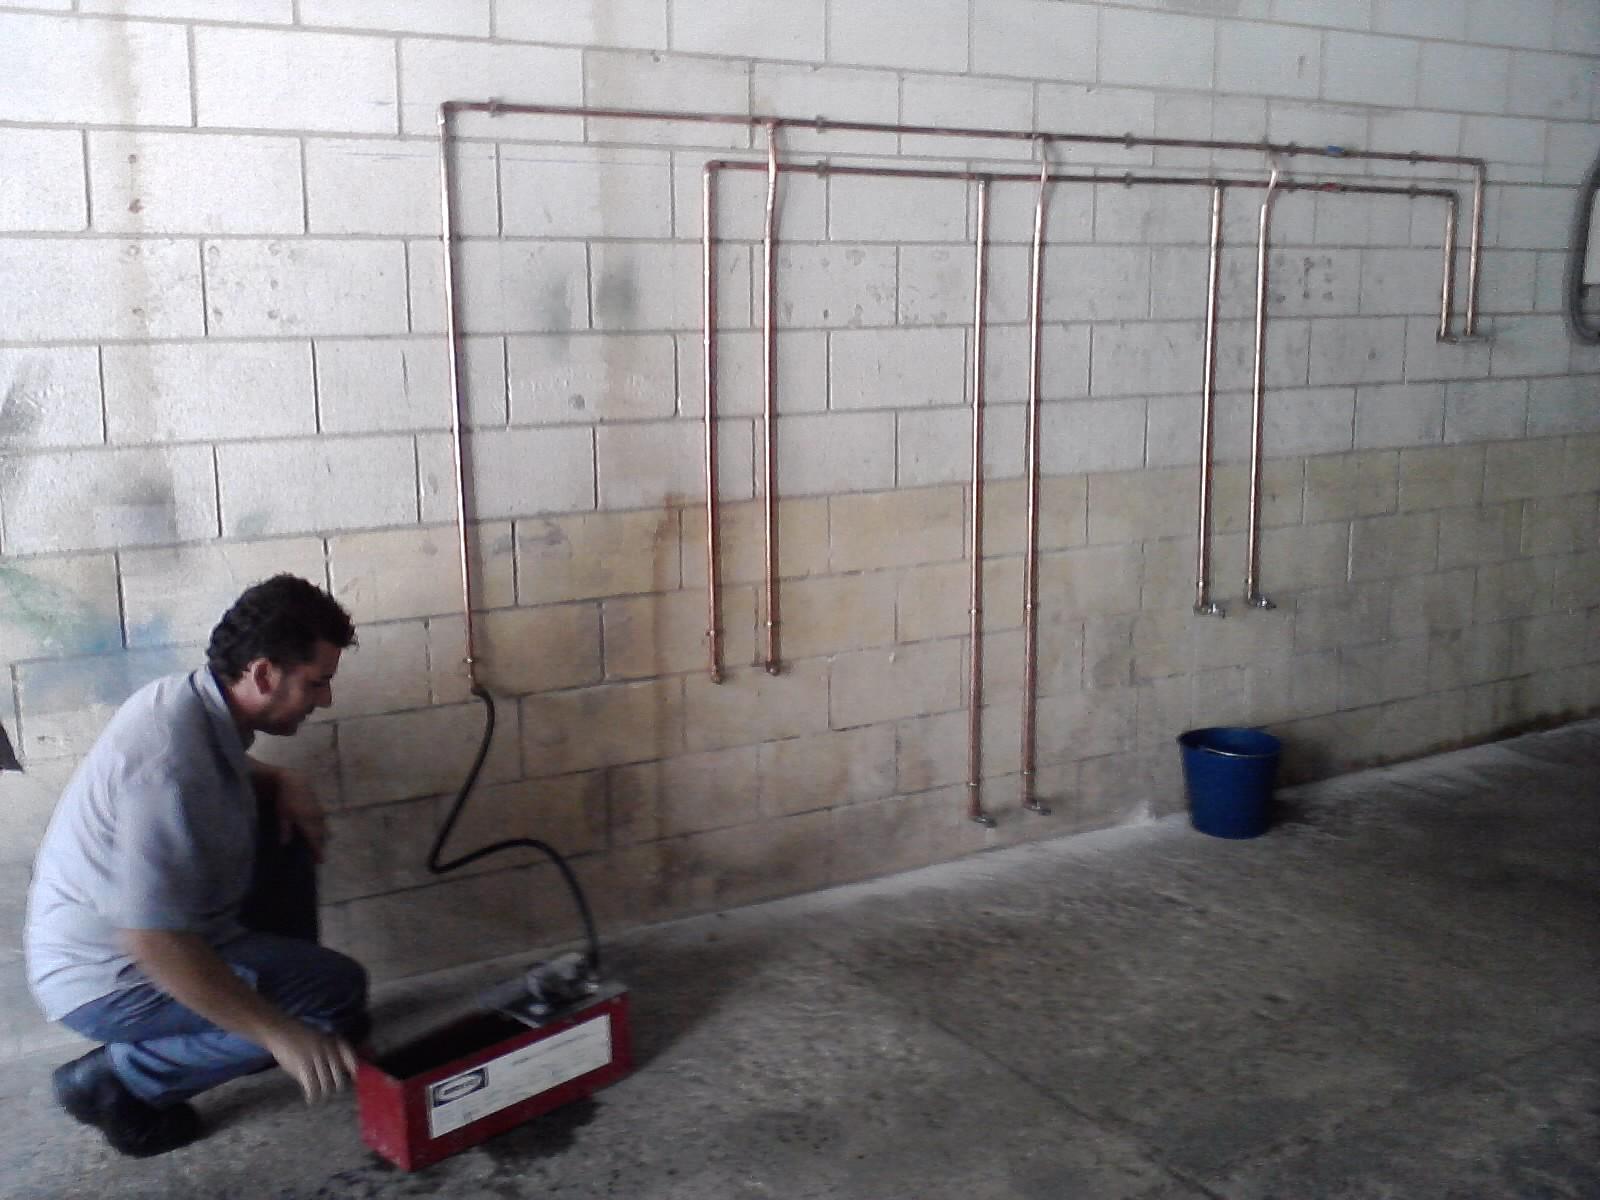 Taller de empleo la raya algunos trabajos de practicas - Trabajos de fontaneria ...